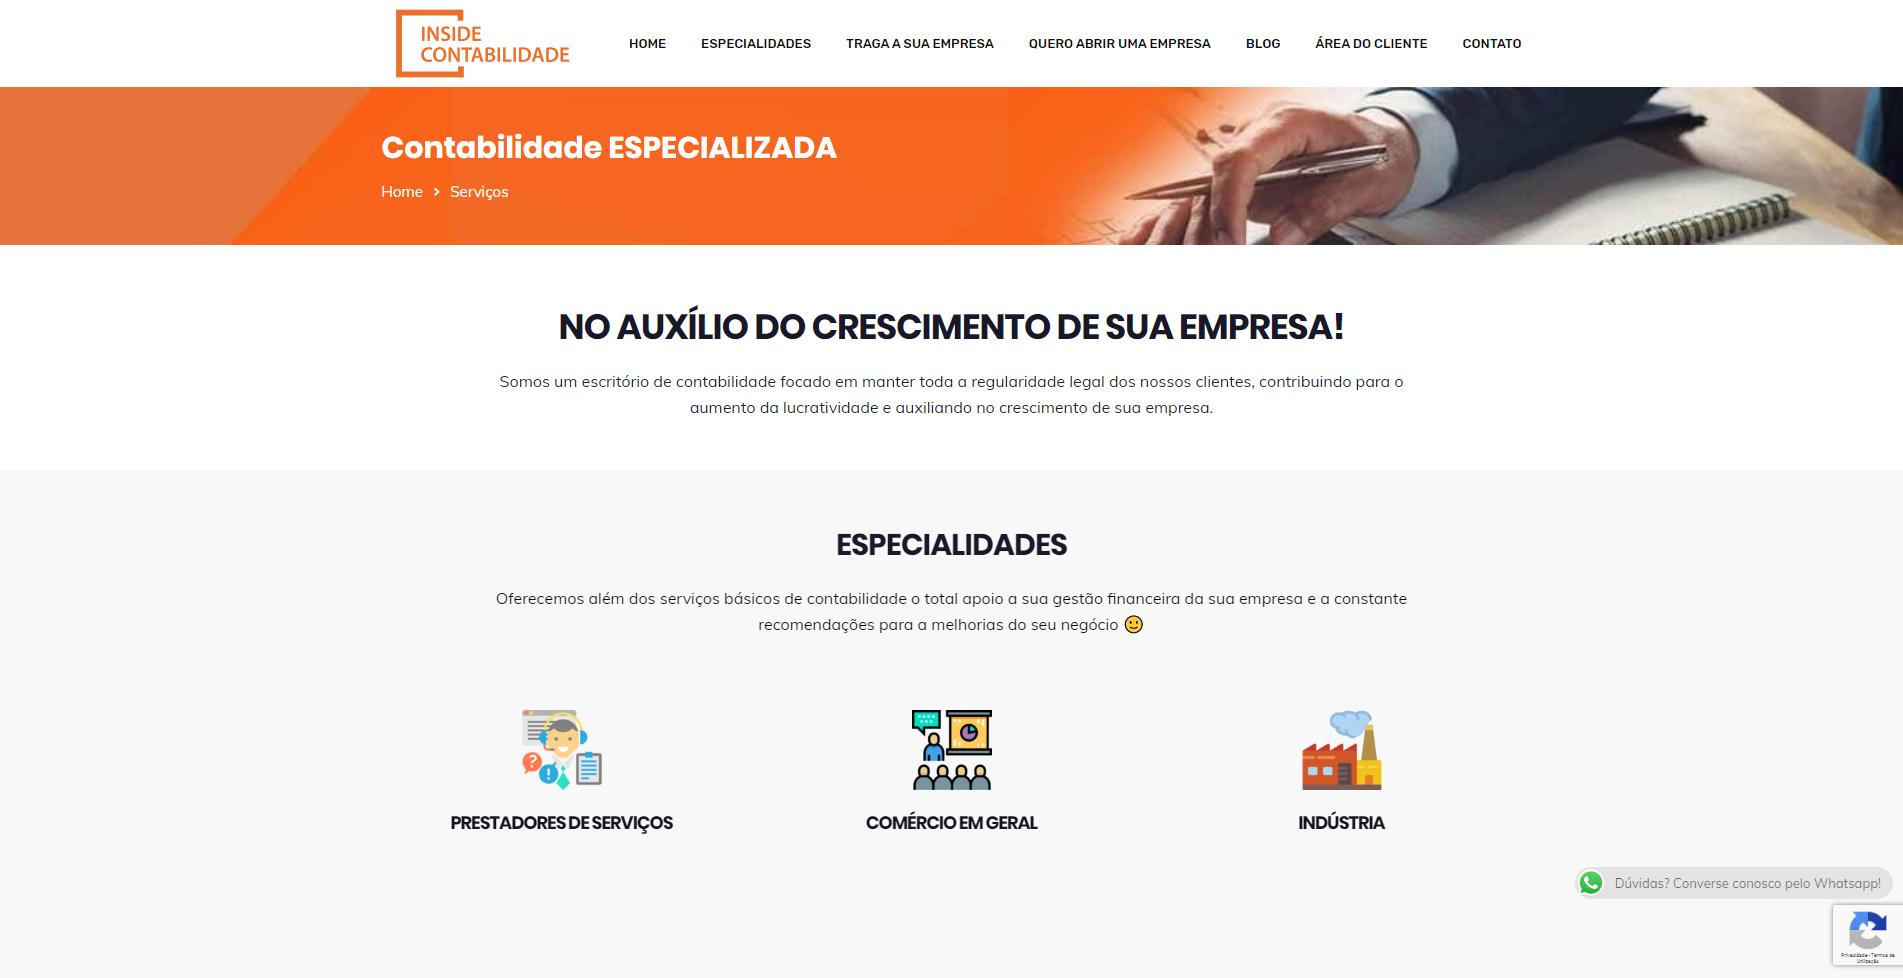 Website Inside Contabilidade